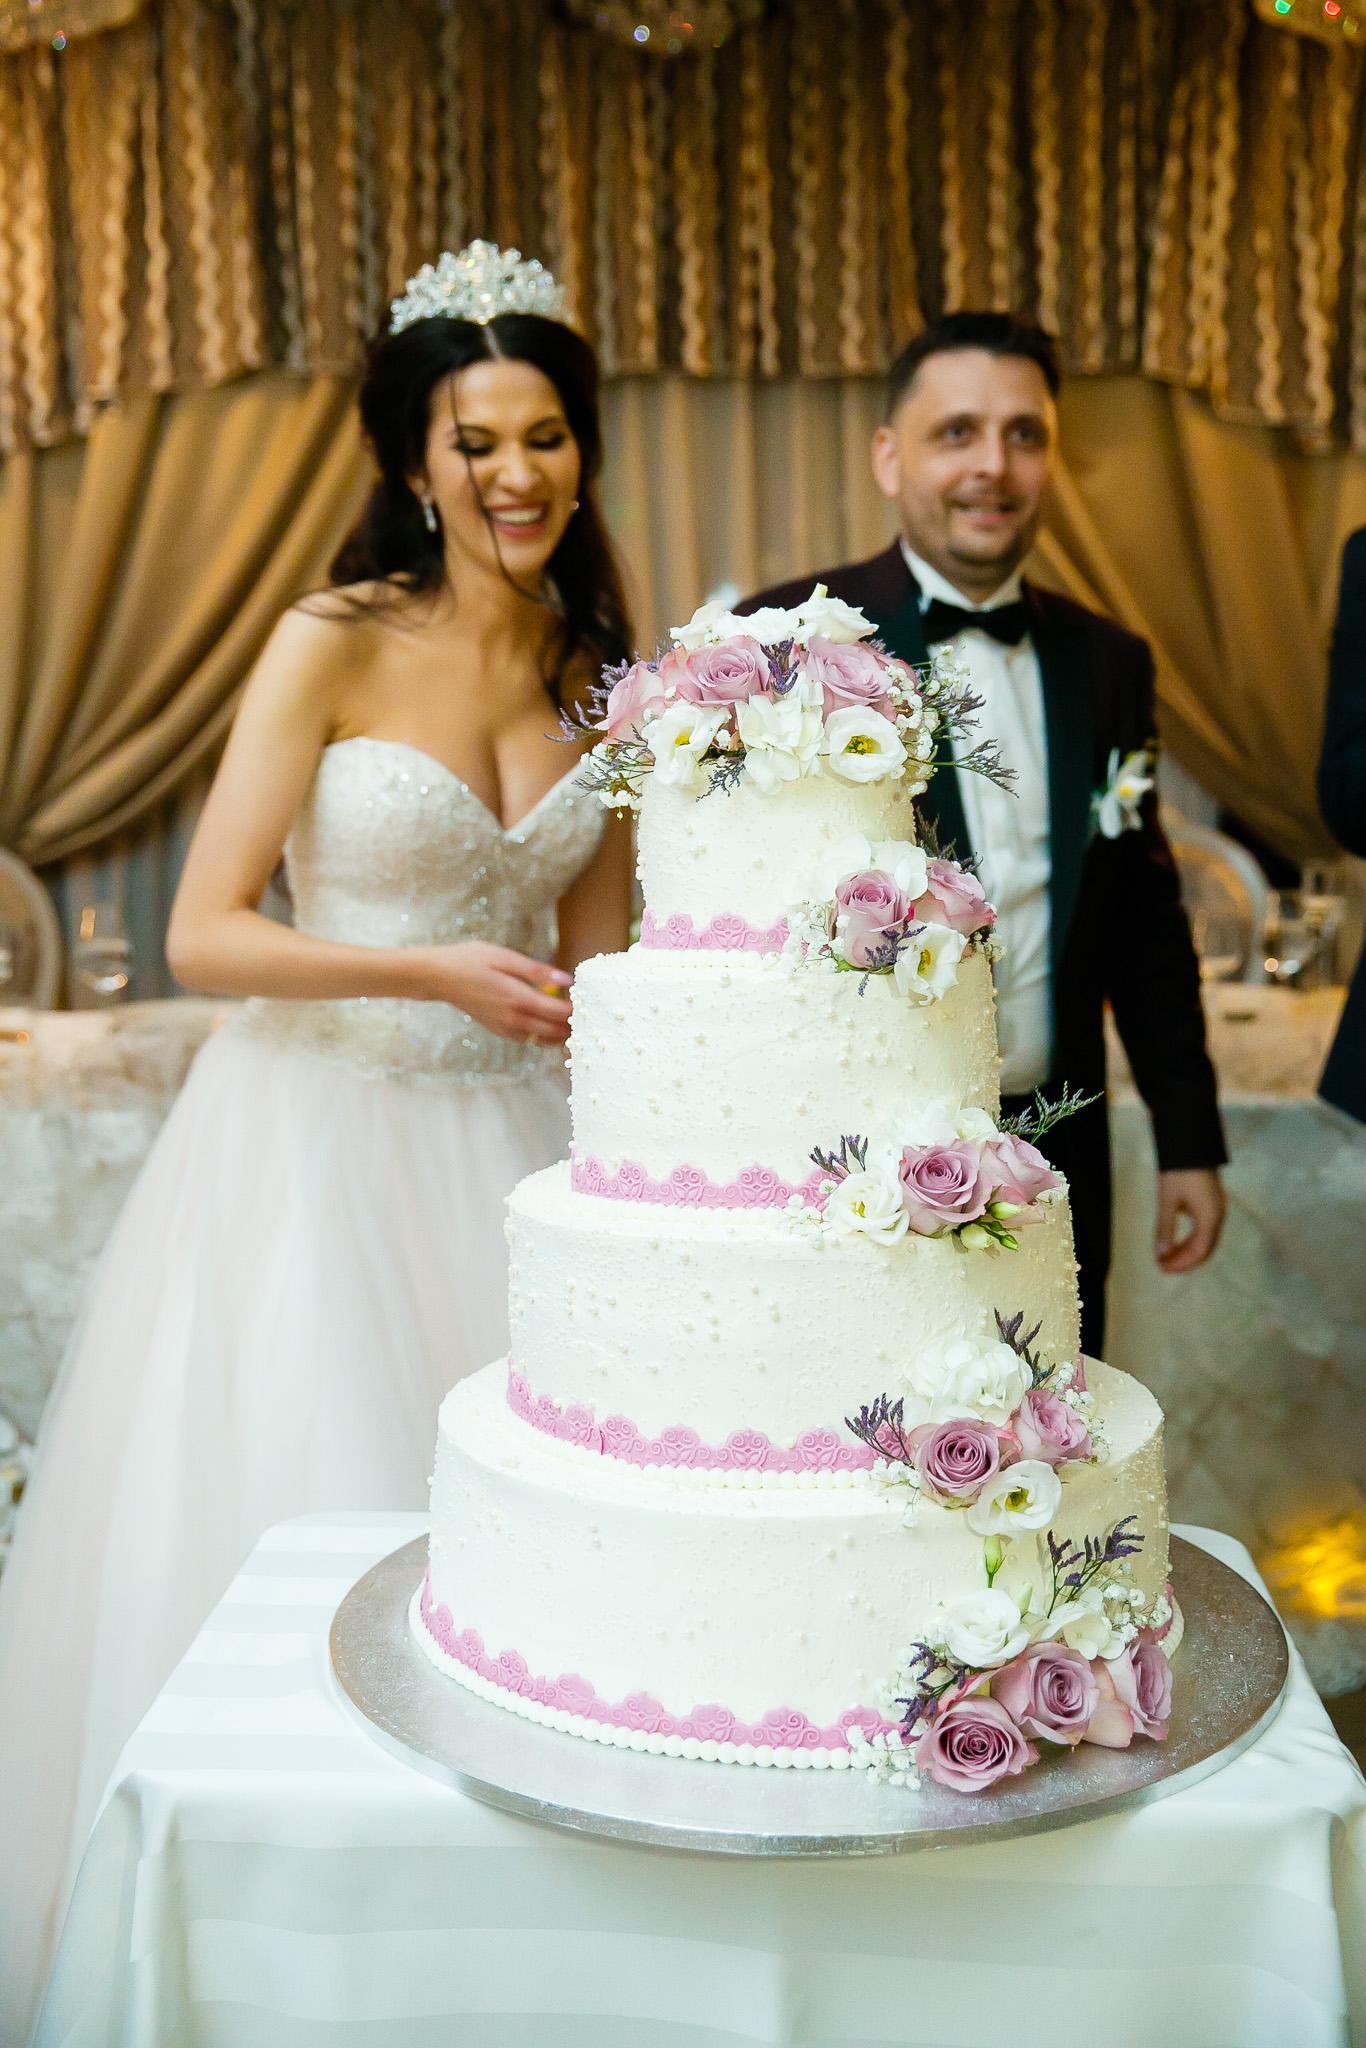 Larisa si Bogdan Nuntă la Pleiada fotograf profesionist nunta Iasi www.paulpadurariu.ro © 2018 Paul Padurariu petrecere 6